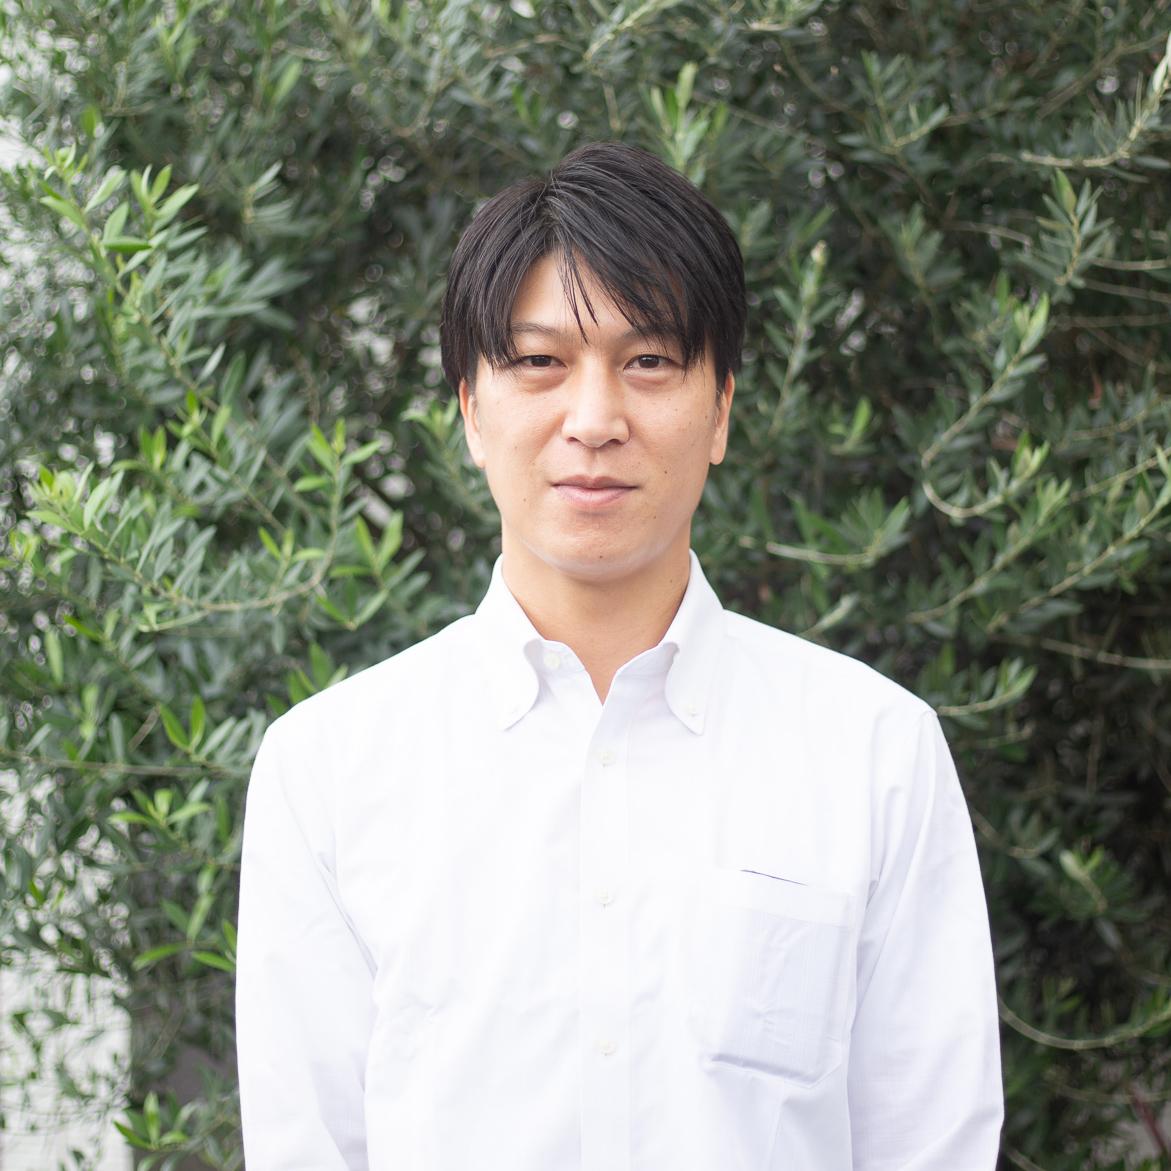 【カネマル株式会社】 増田 大輔